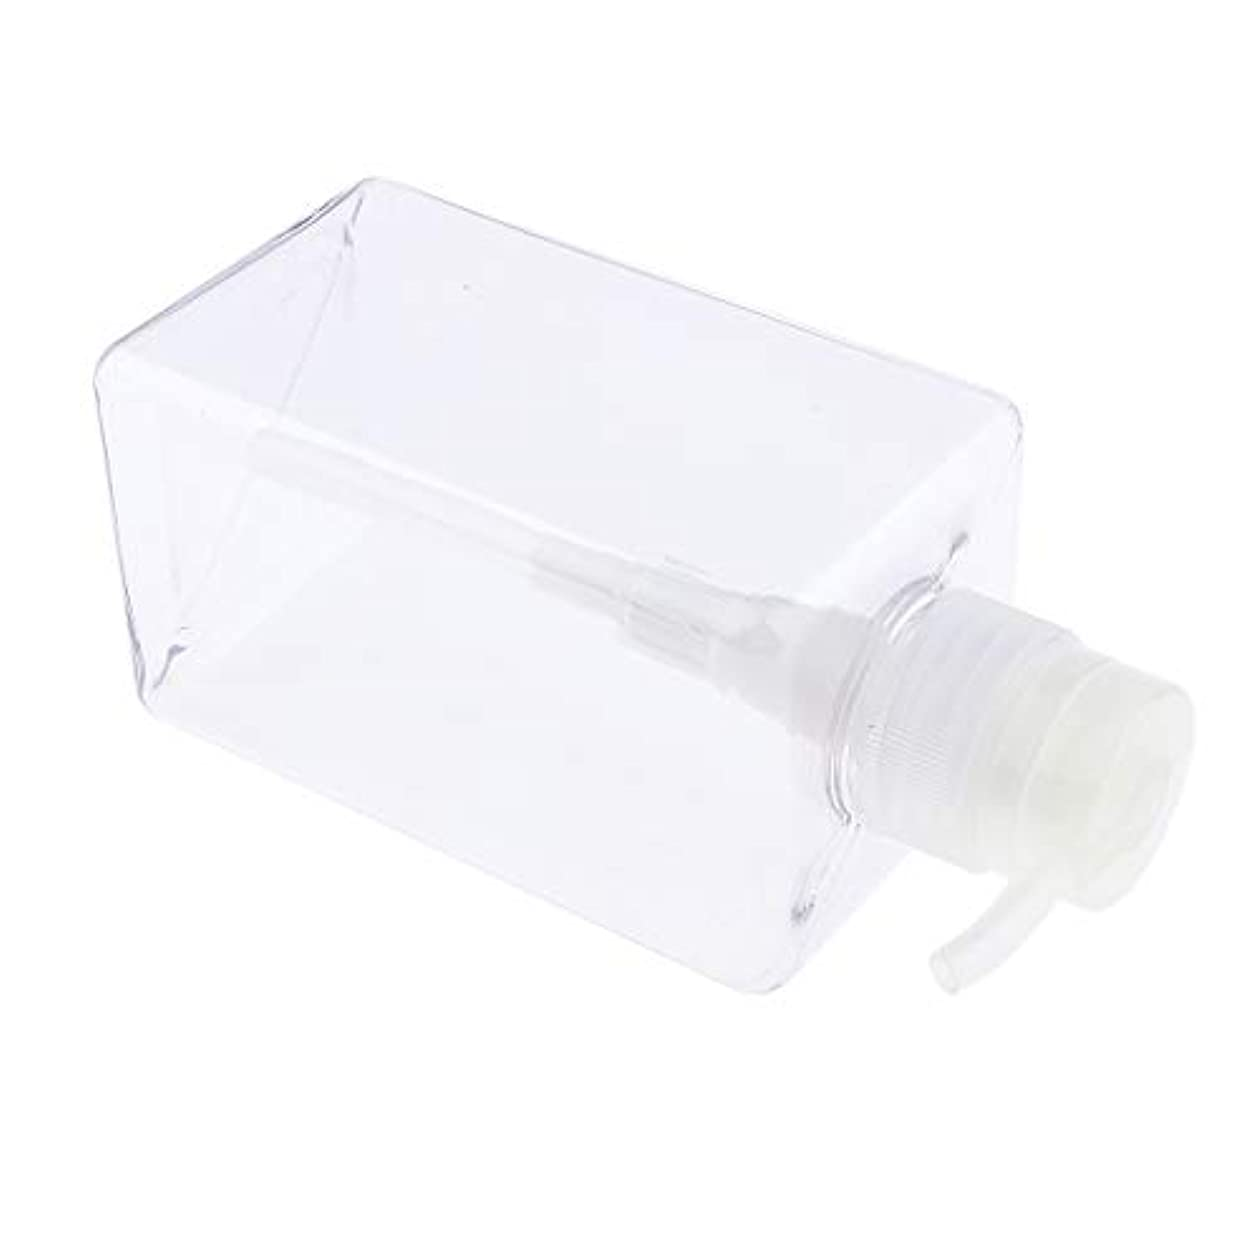 マオリ秀でる落胆したF Fityle シャンプーボトル 空ボトル ポンプボトル 詰め替え容器 450ml 4色選べ - クリア